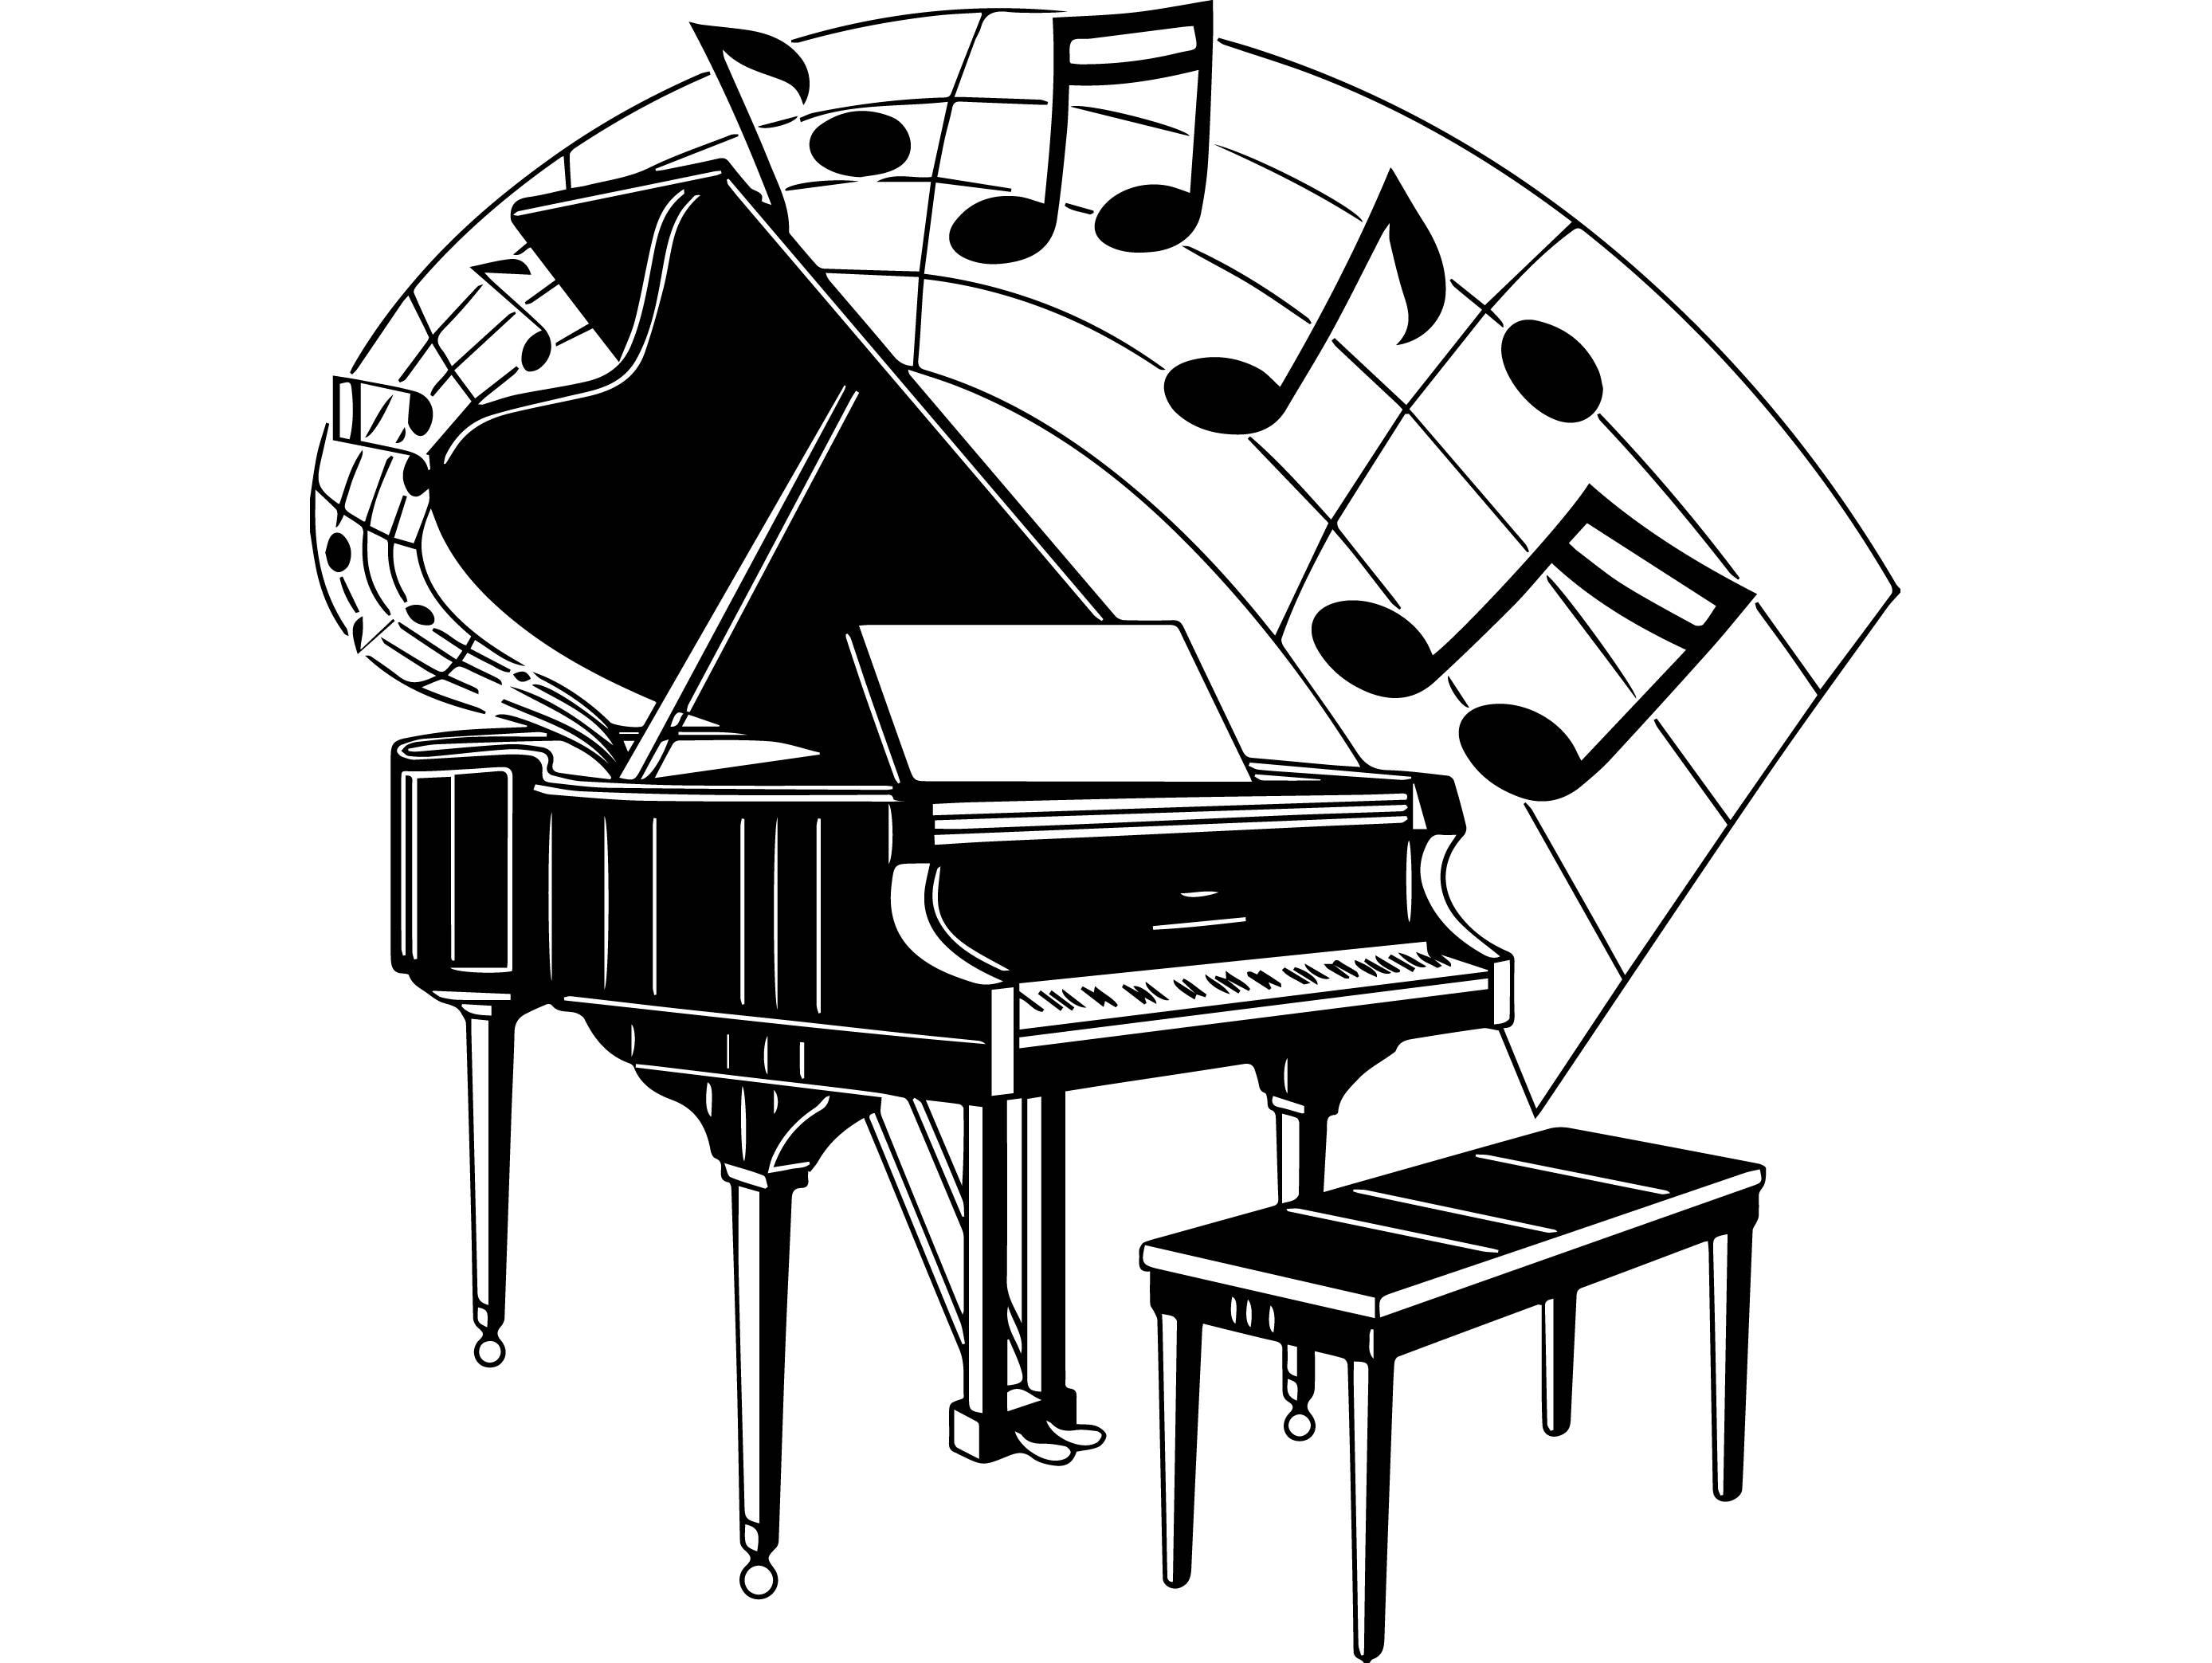 Piano Keyboard Drawing At Getdrawings